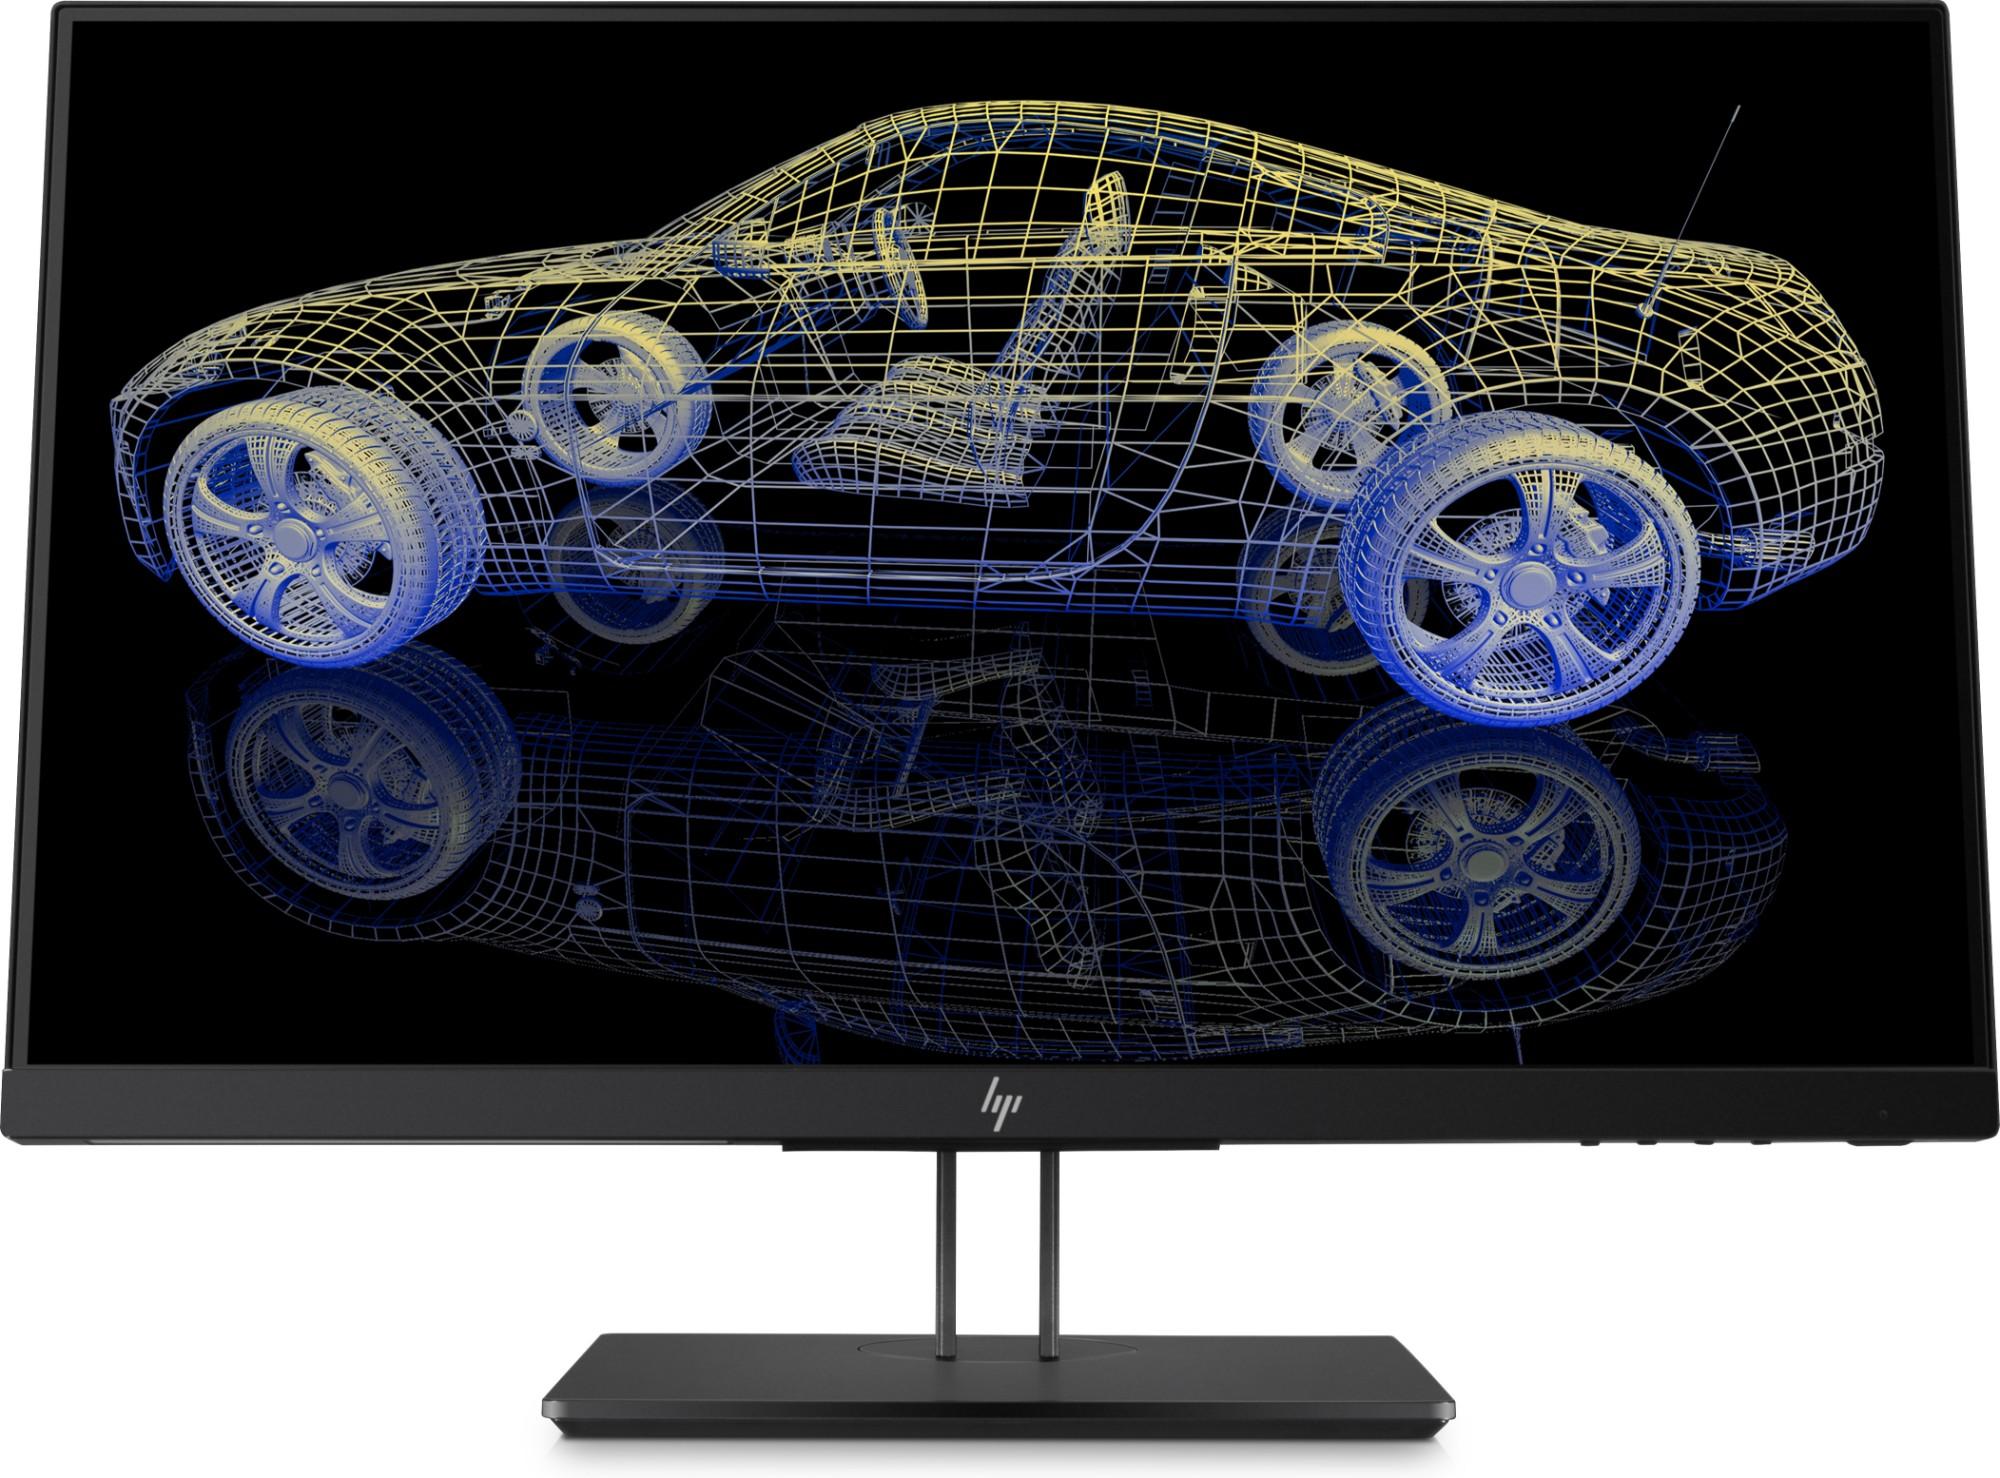 """HP Z23n G2 58,4 cm (23"""") 1920 x 1080 Pixeles Full HD LED Negro"""